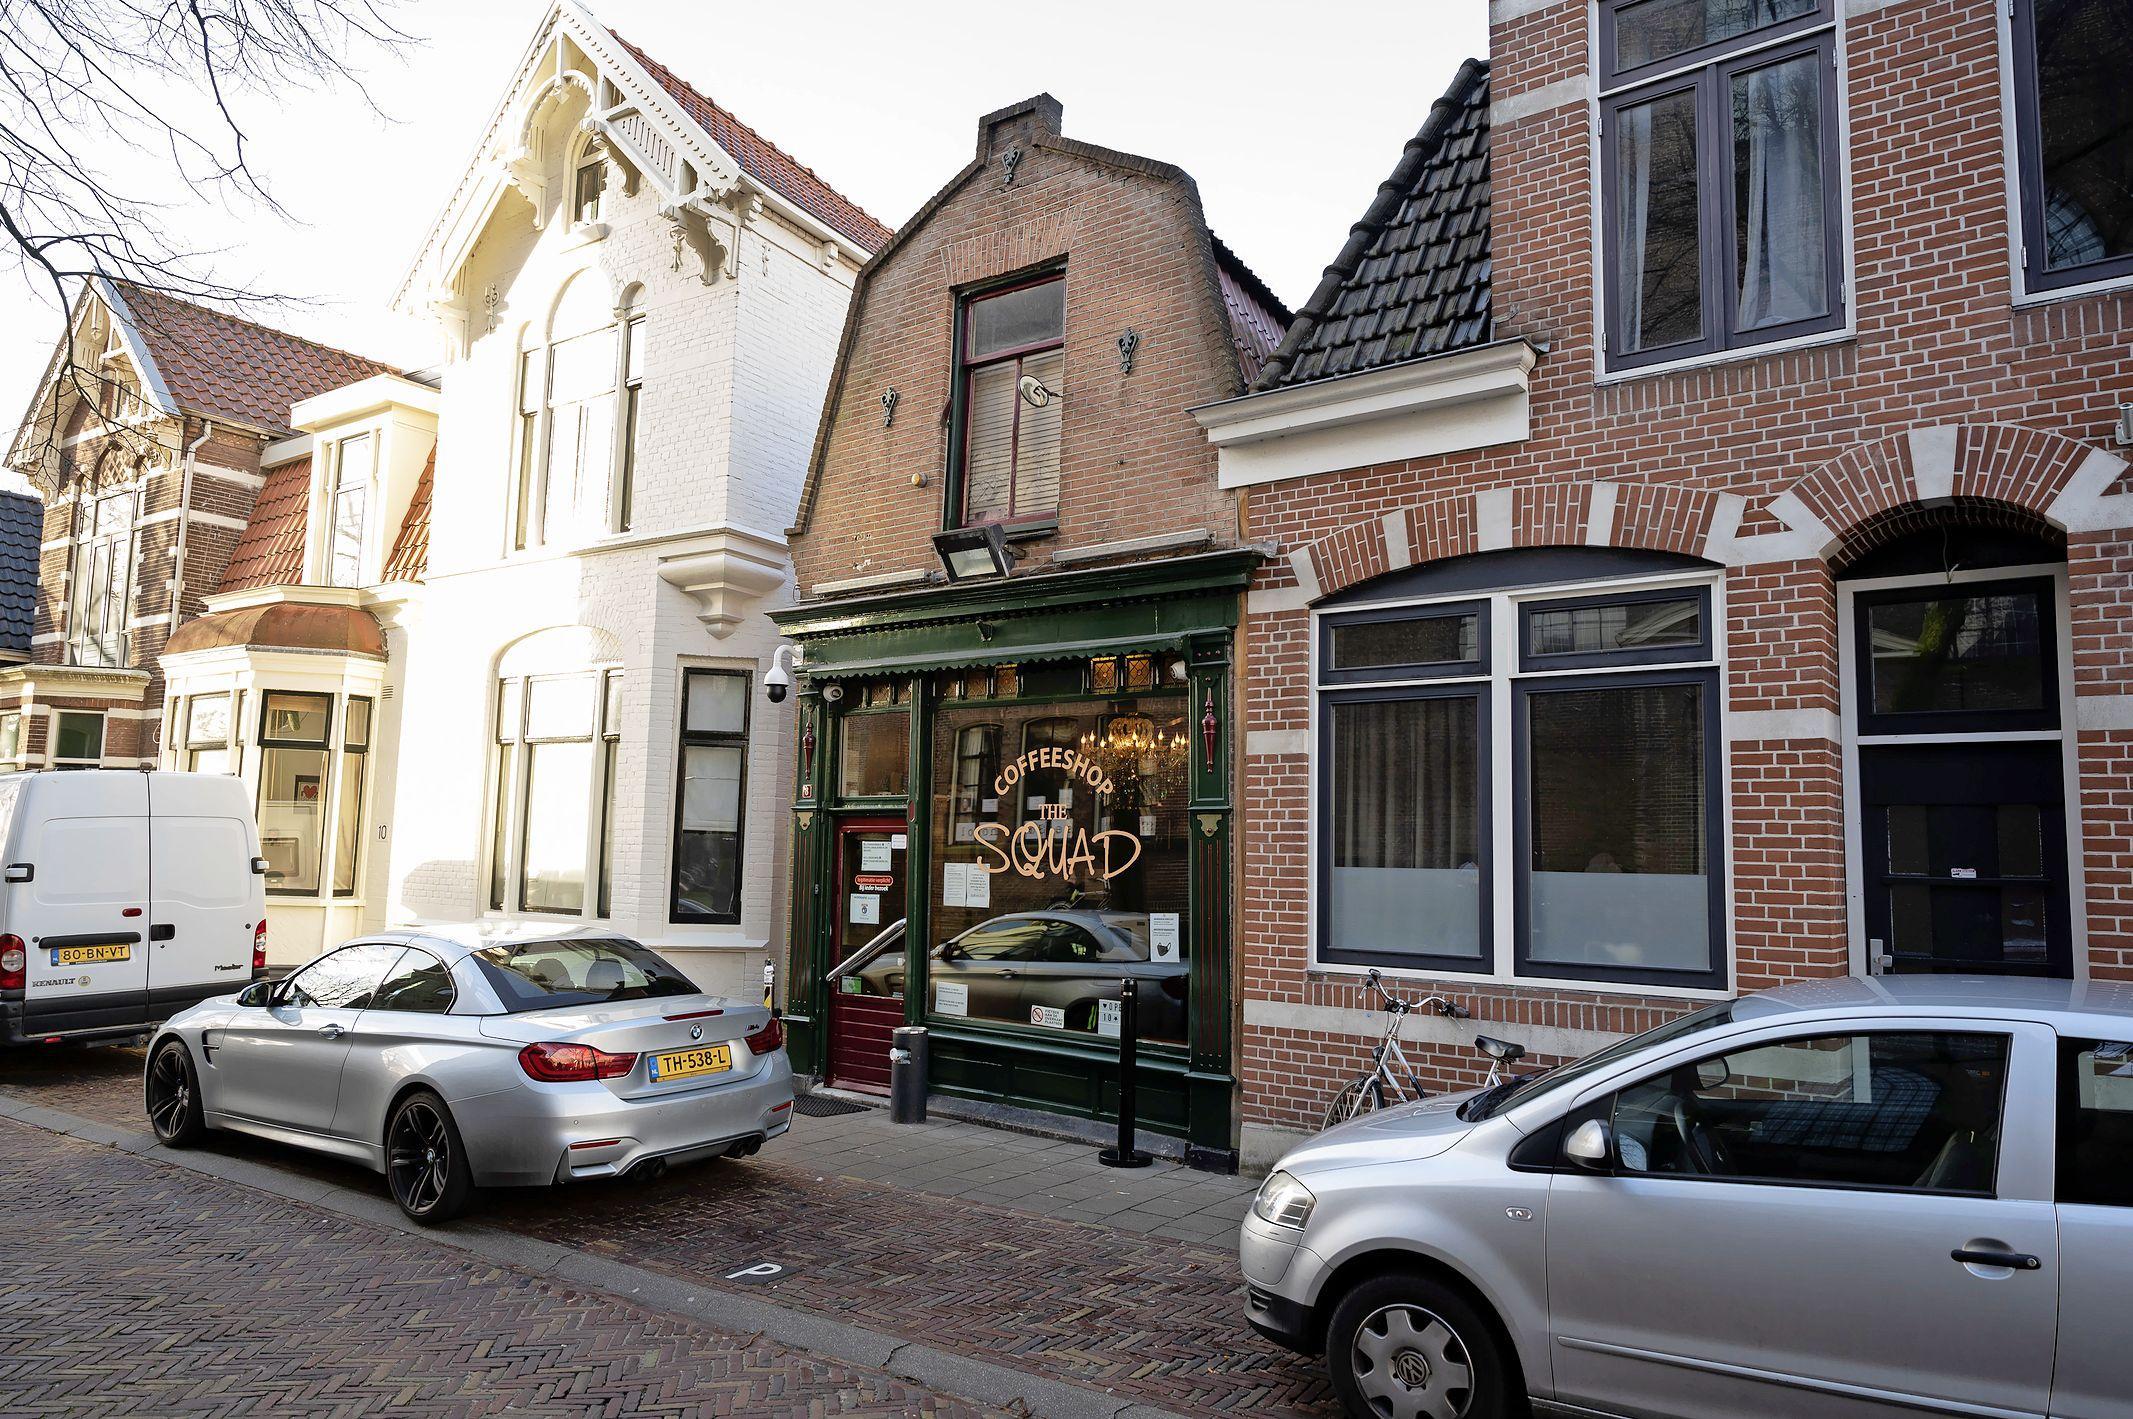 Willen inwoners van Zaanstad-Noord wel een coffeeshop in hun dorp? Onderzoek naar draagvlak